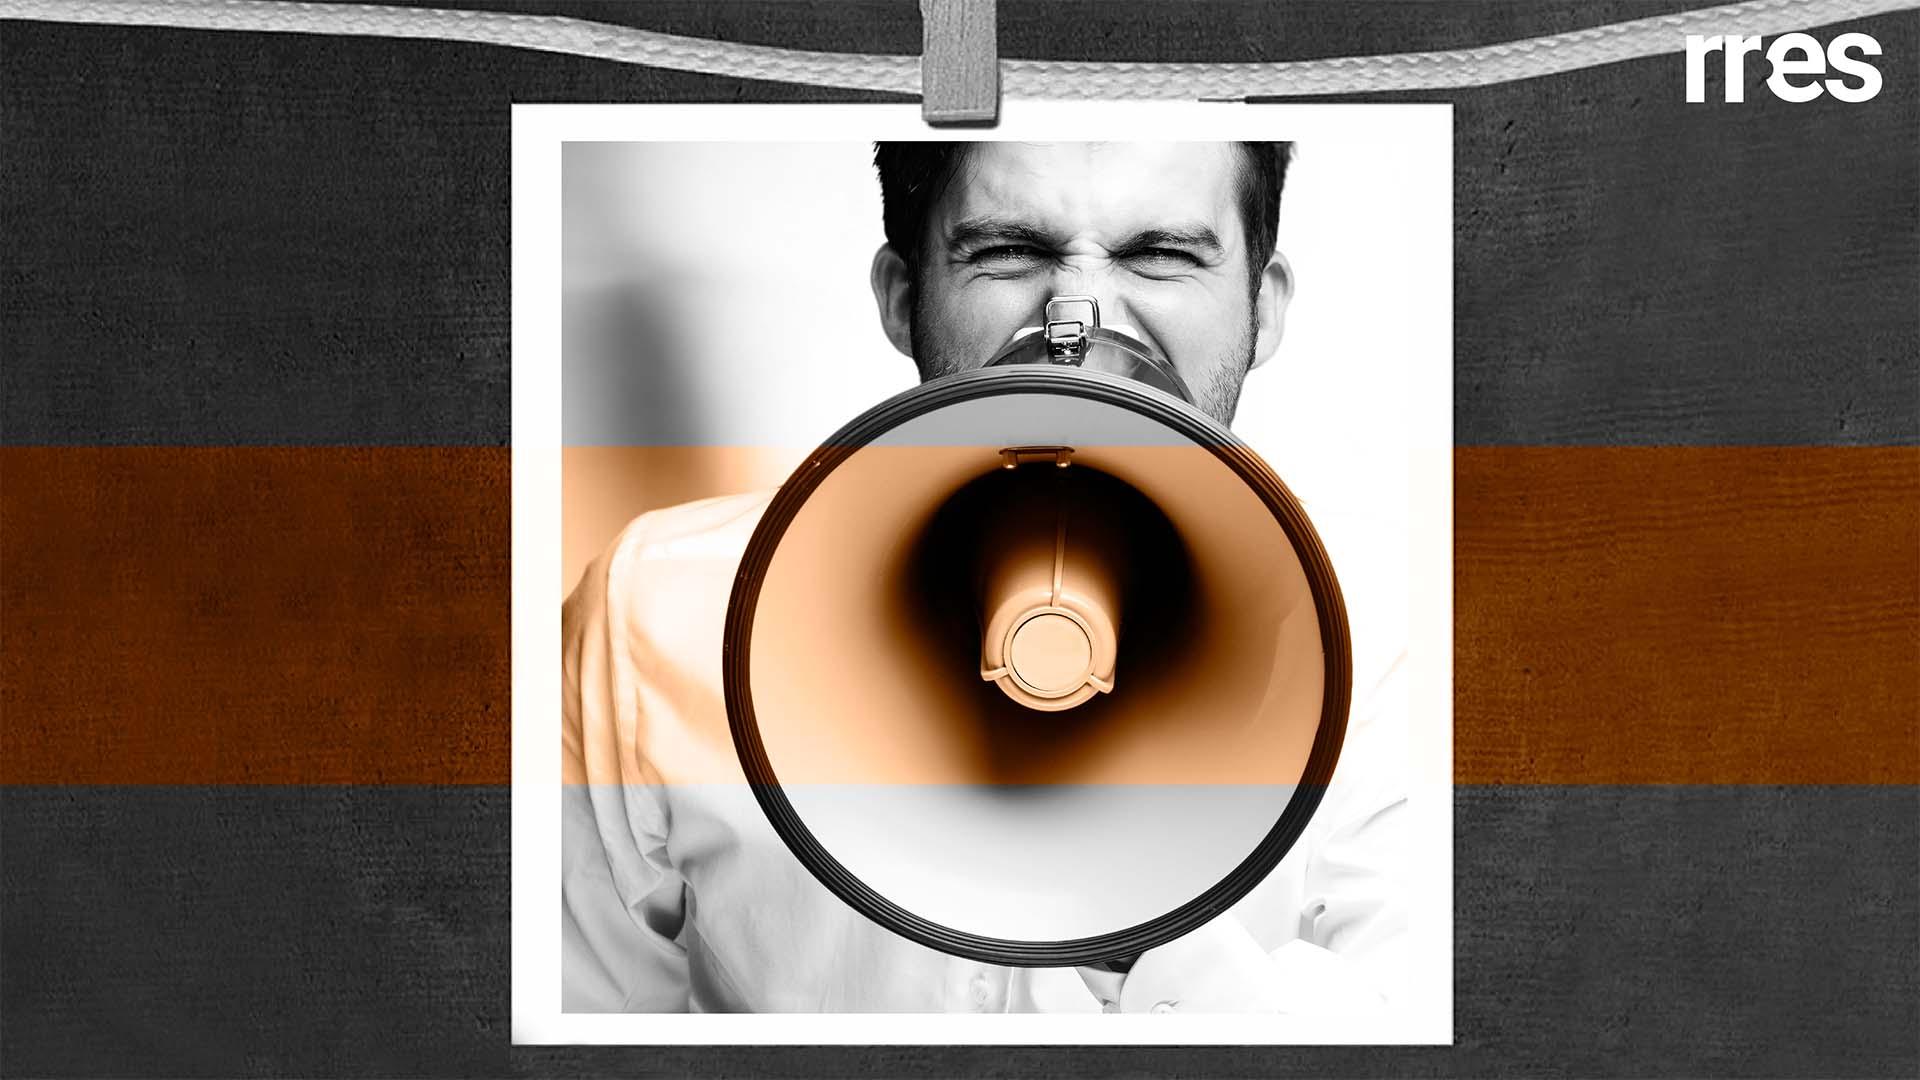 #ApuntesDeOtoño 4 | Cuando alzas la voz, la gente no te escucha, por Julio Castillo Sagarzazu